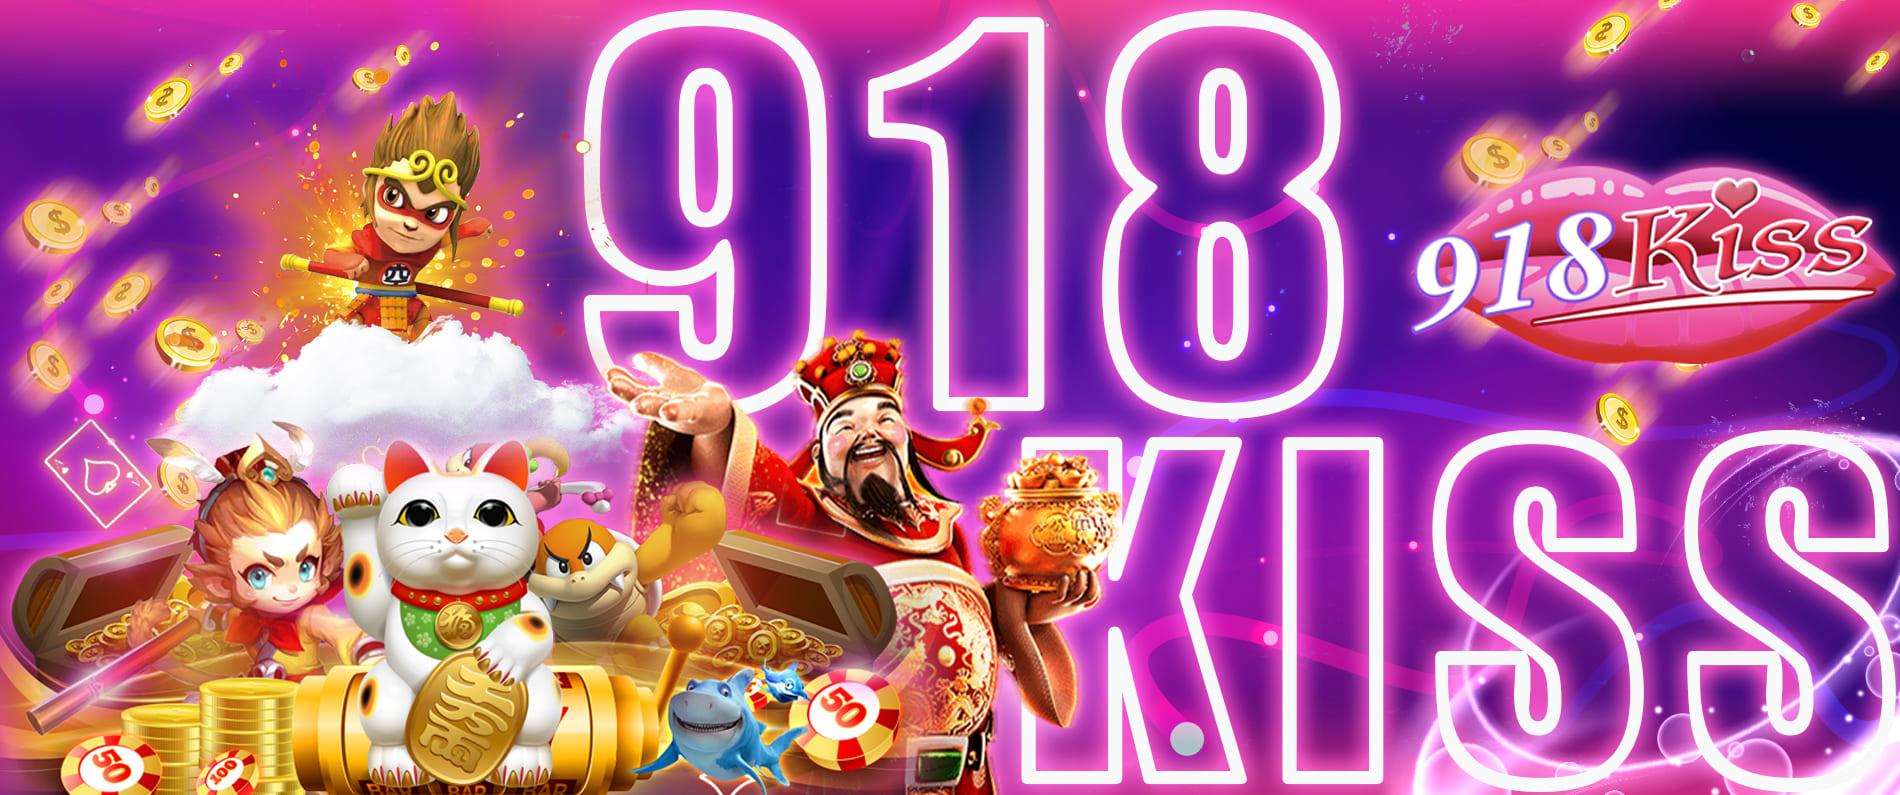 918kiss-slot-8-BIGWIN369-4